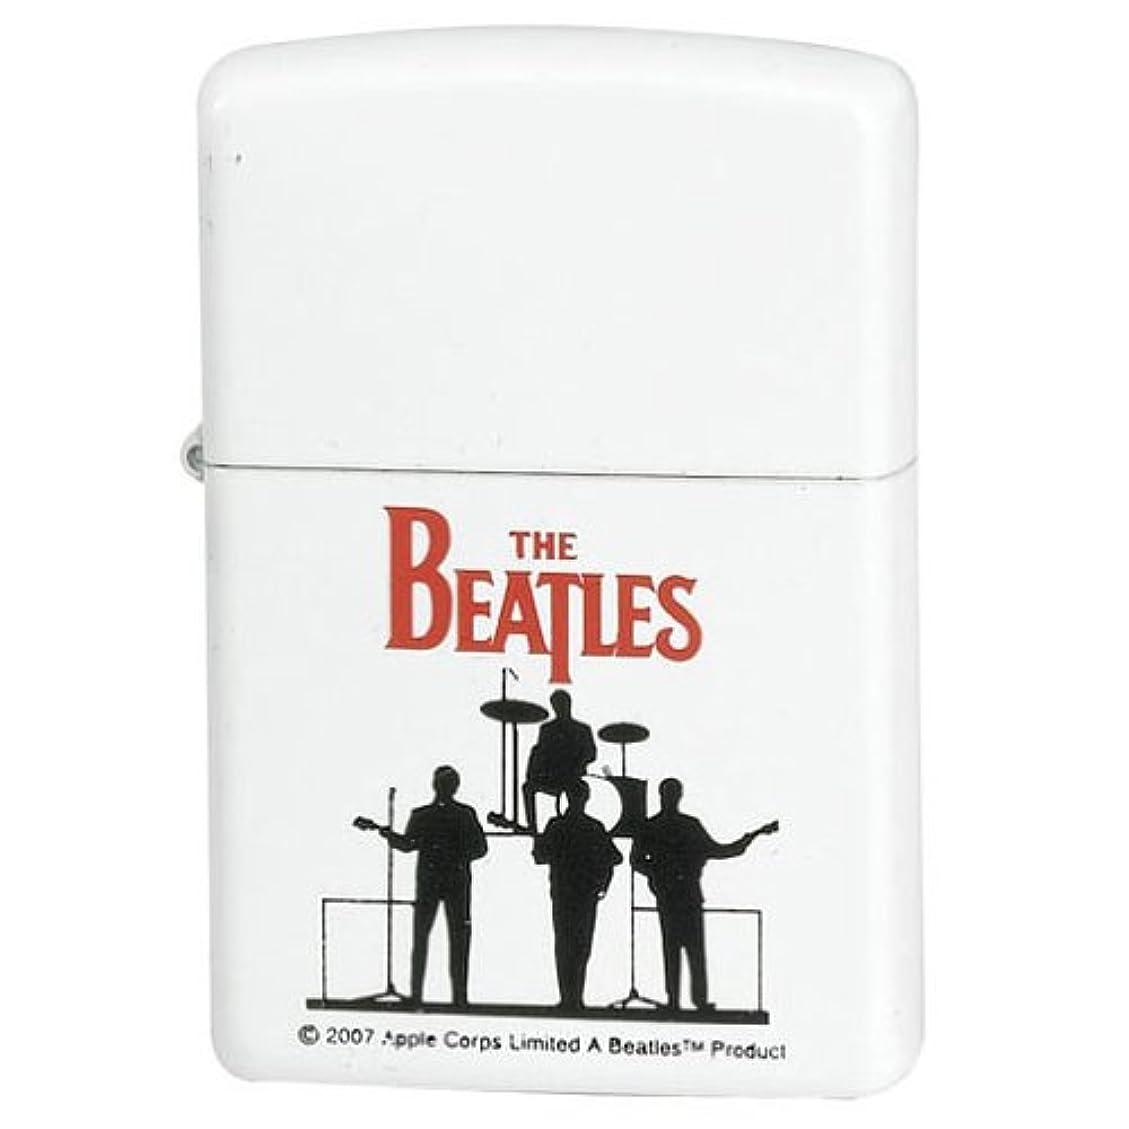 待って芸術的中世のZippo Beatles Silhouette ビートルズ ジッポ 24060